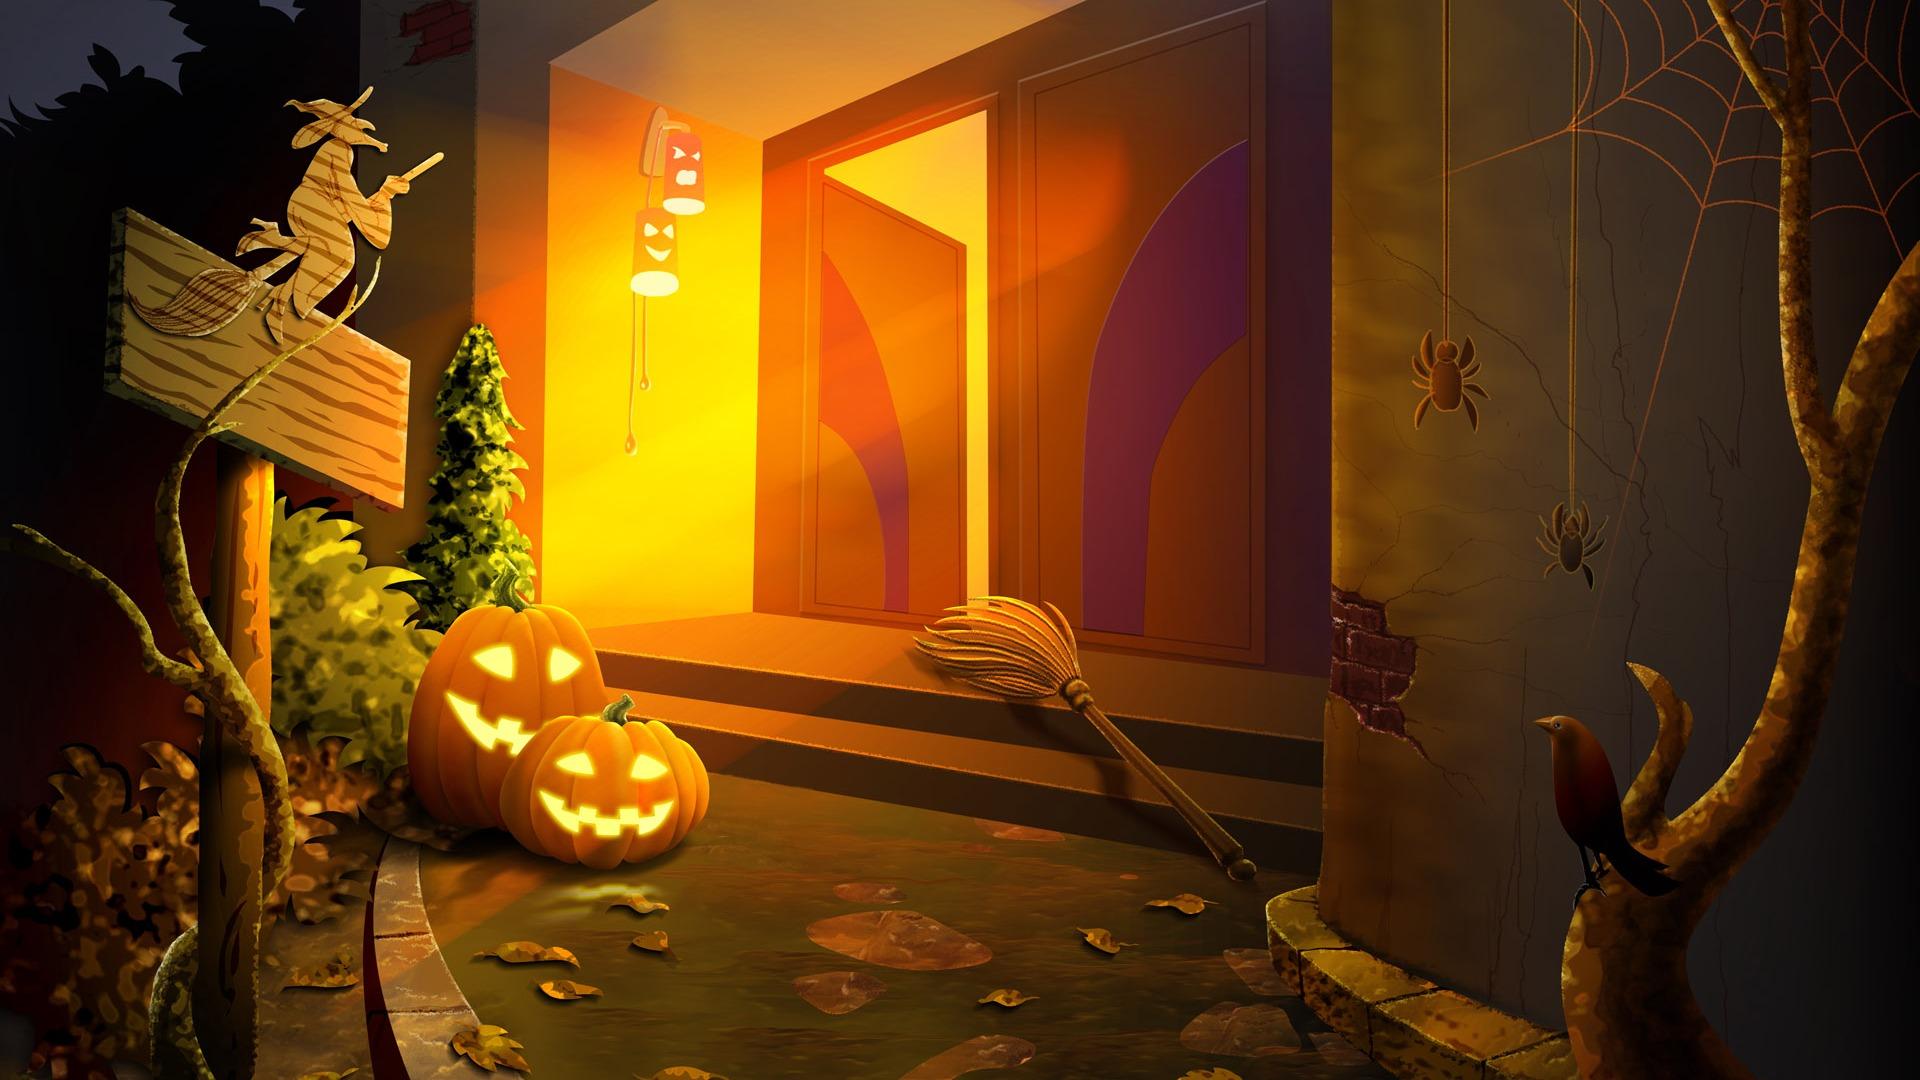 Fonds d 39 cran th me de l 39 halloween 4 8 1920x1080 fond for Theme ecran